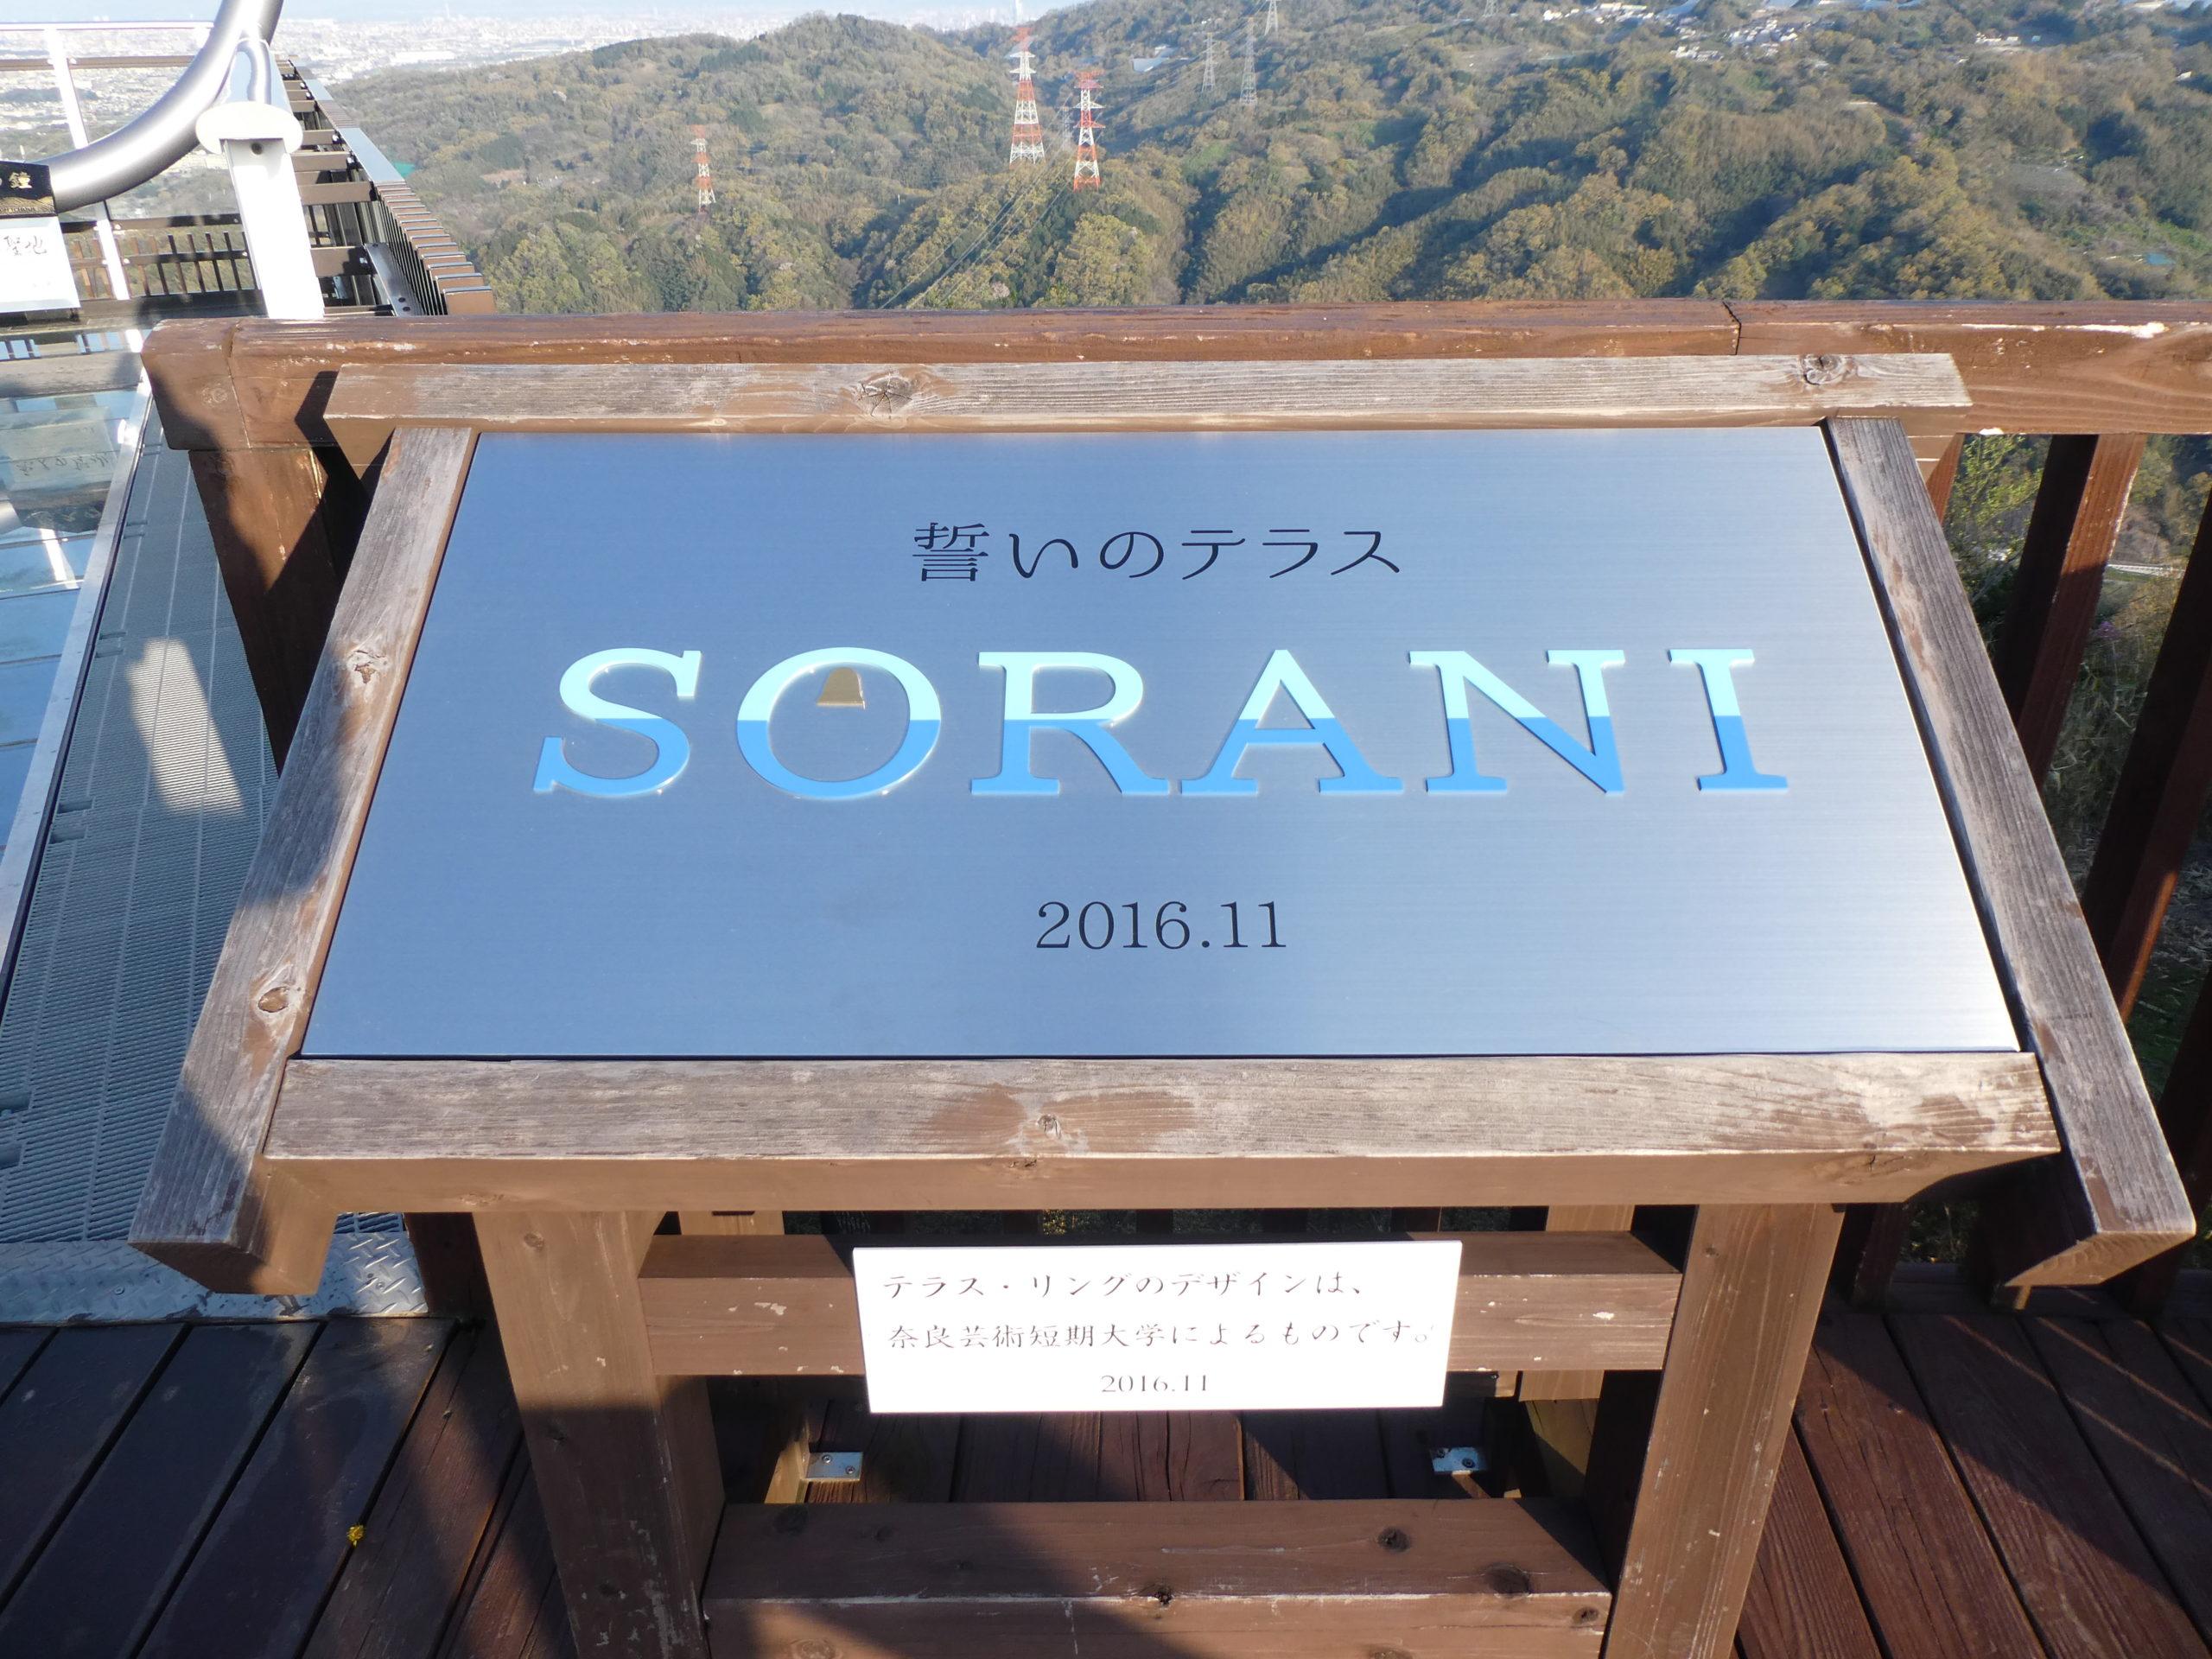 明神山 ハイキングコース 展望台 誓いのテラス